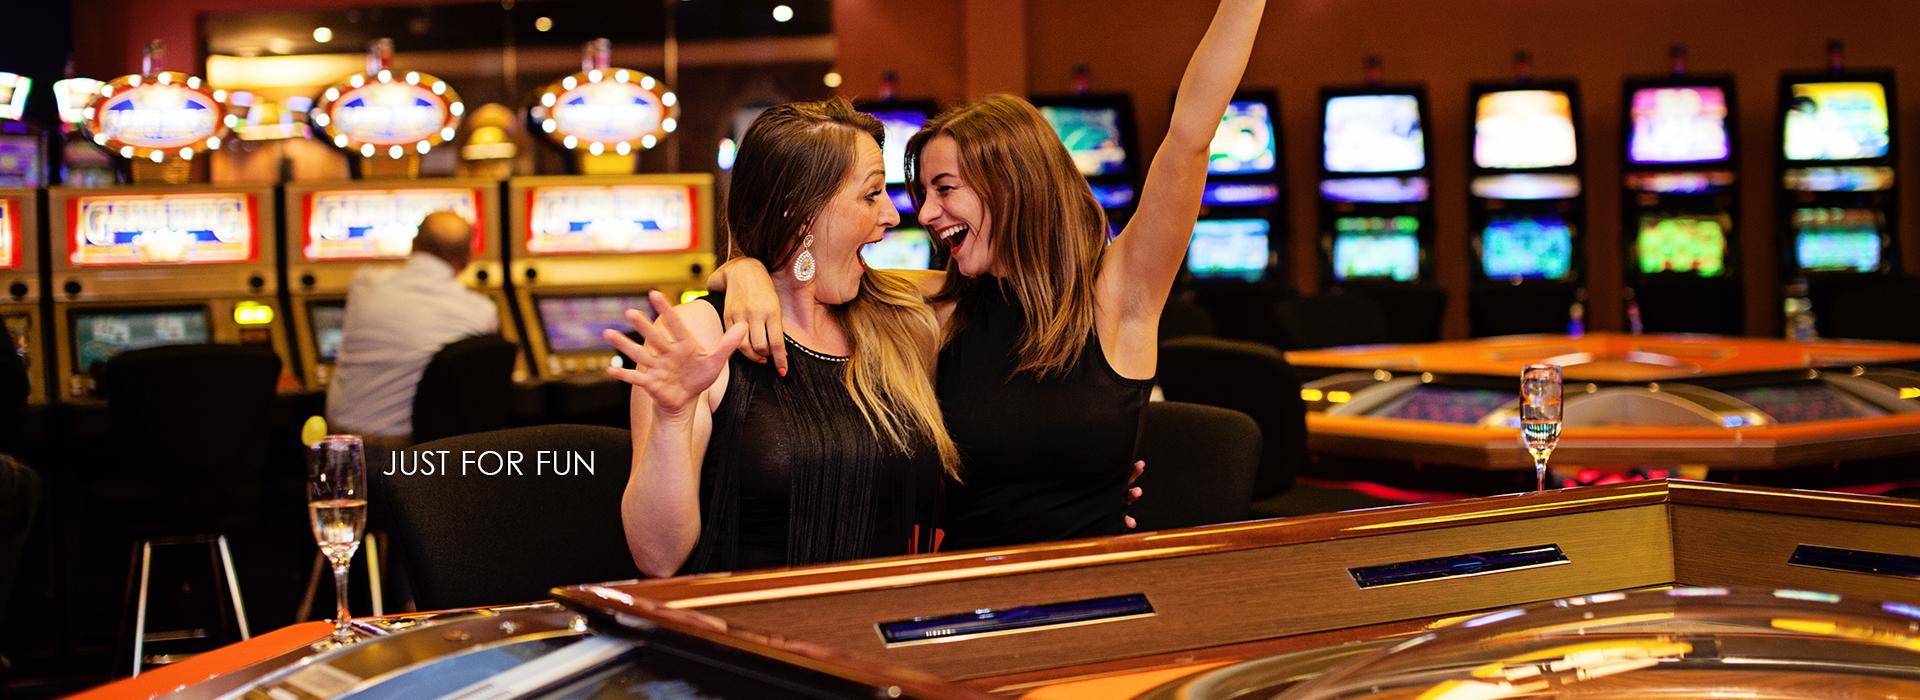 Casino portreti-14